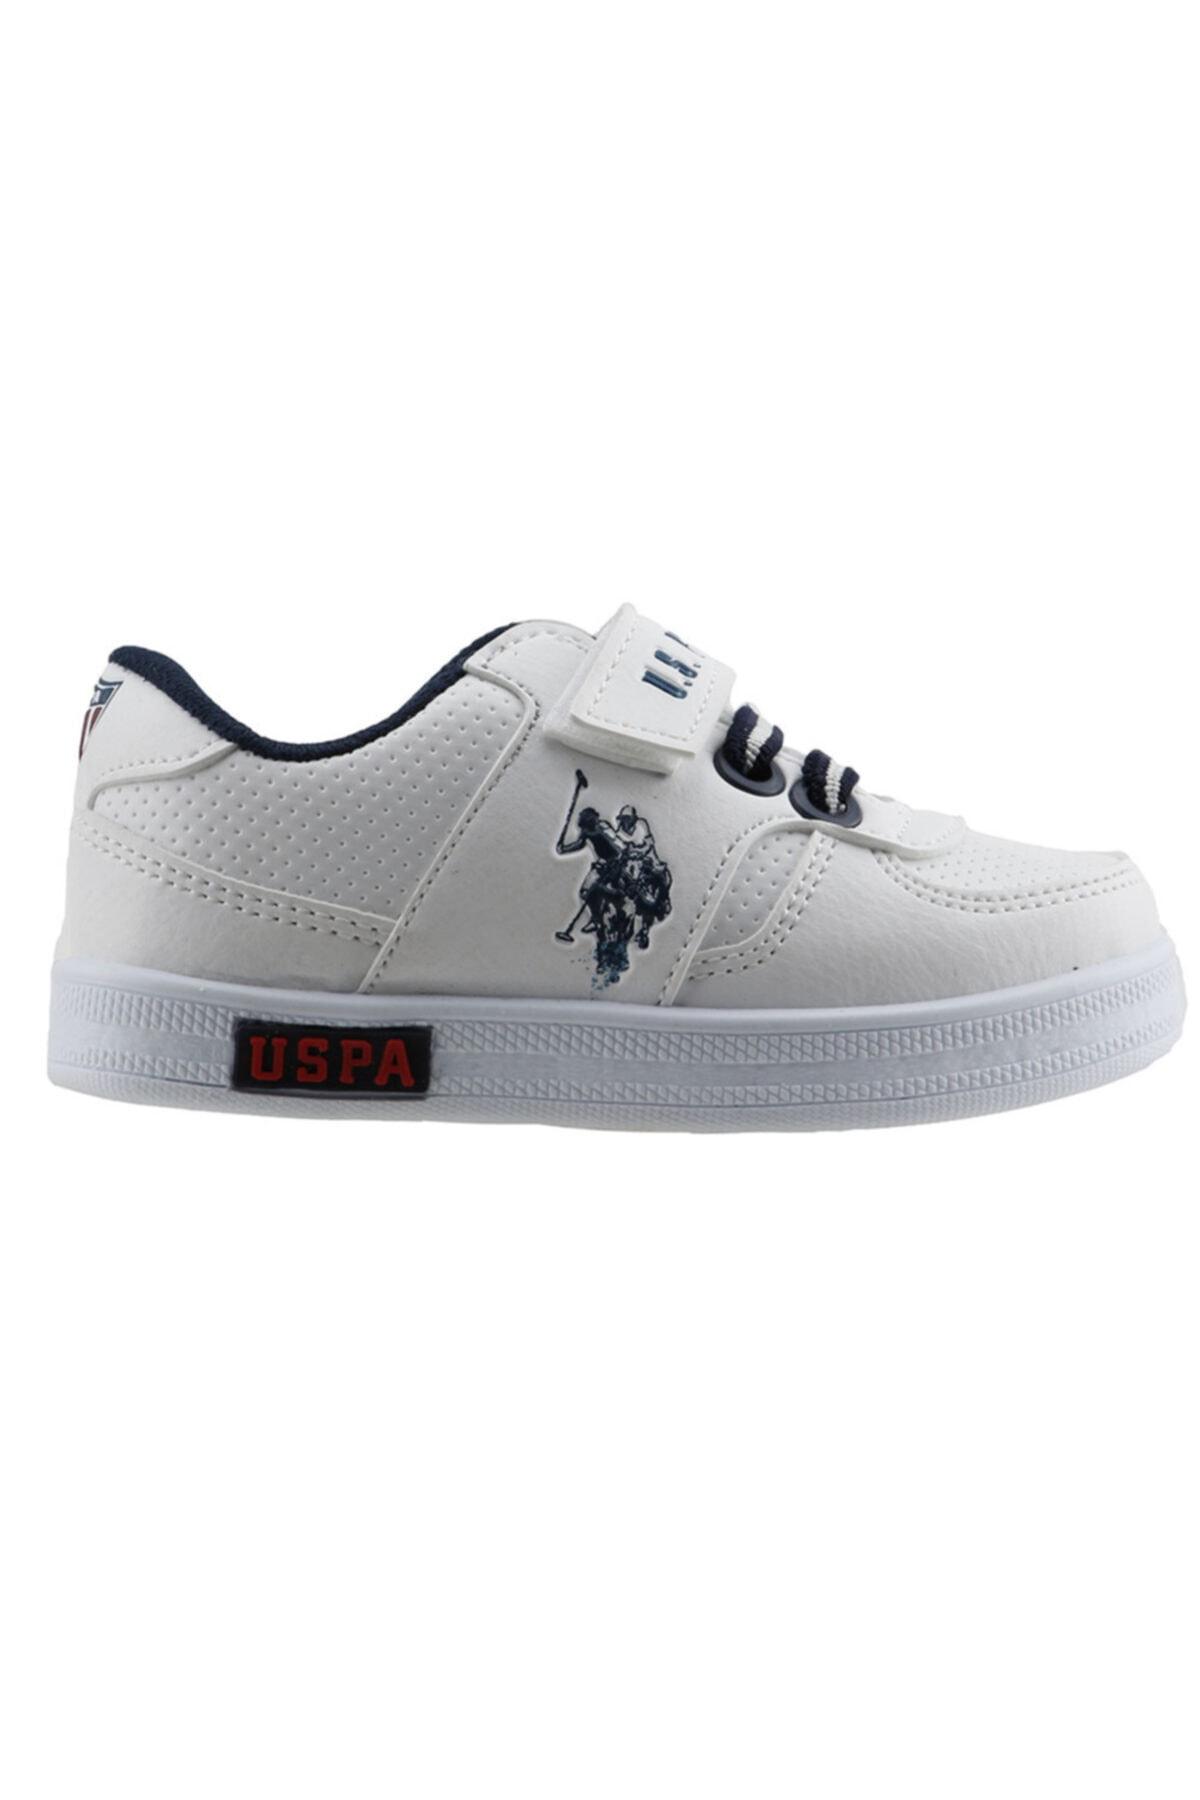 U.s. Polo Assn Cameron Günlük Kız/erkek Çocuk Spor Ayakkabı